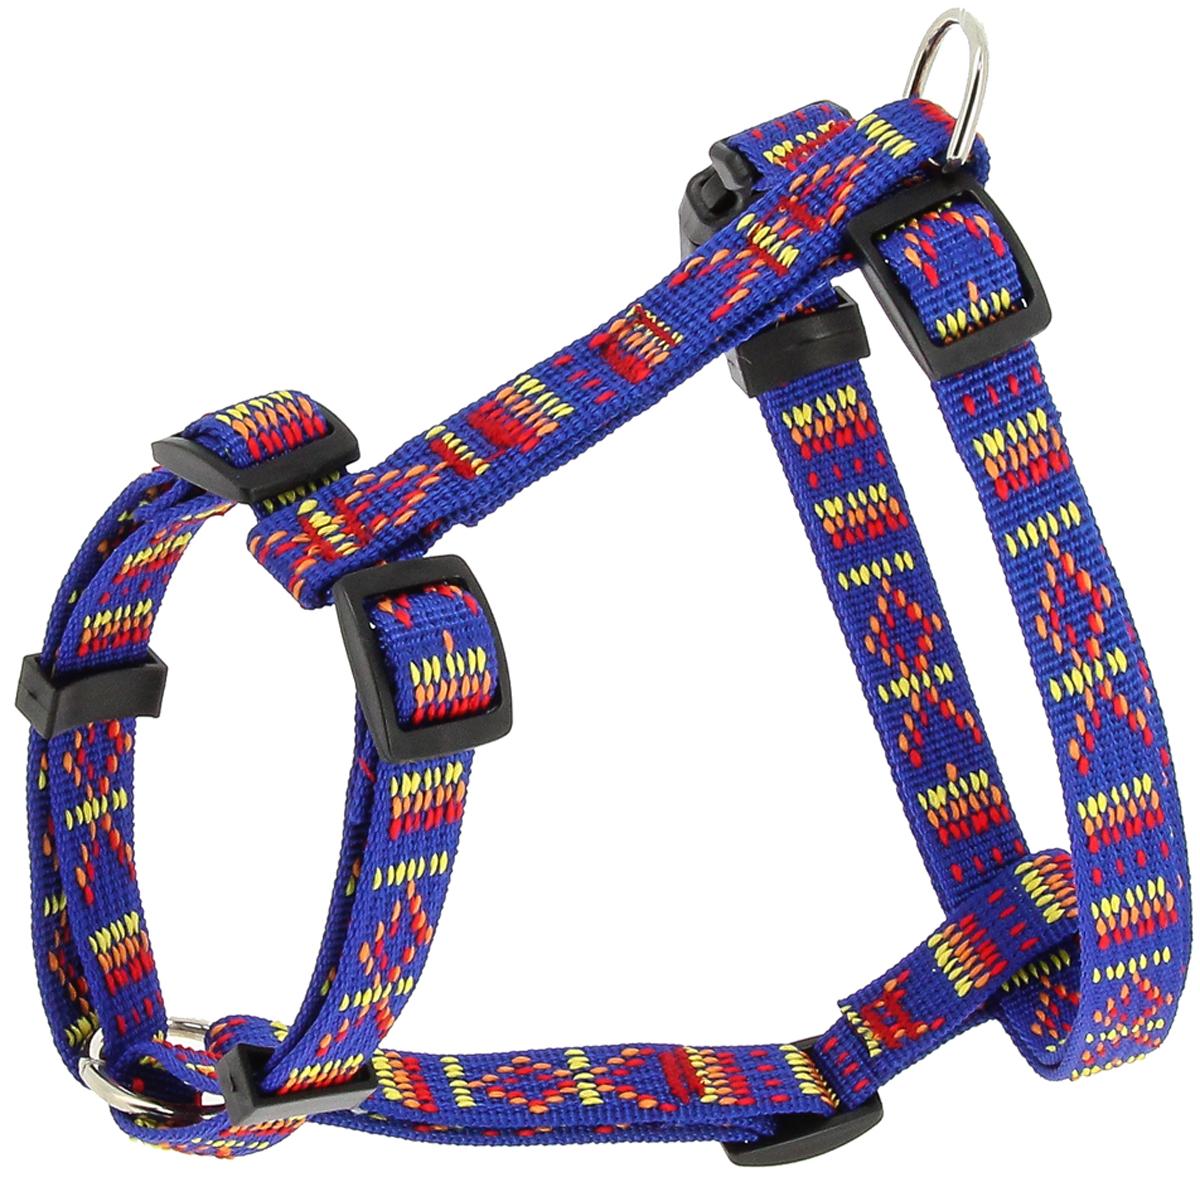 Шлейка для собак Каскад Орнамент, цвет: синий, ширина 15 мм, обхват груди 25-40 см шлейка для собак каскад цвет красный 1 5 х 30 50 см